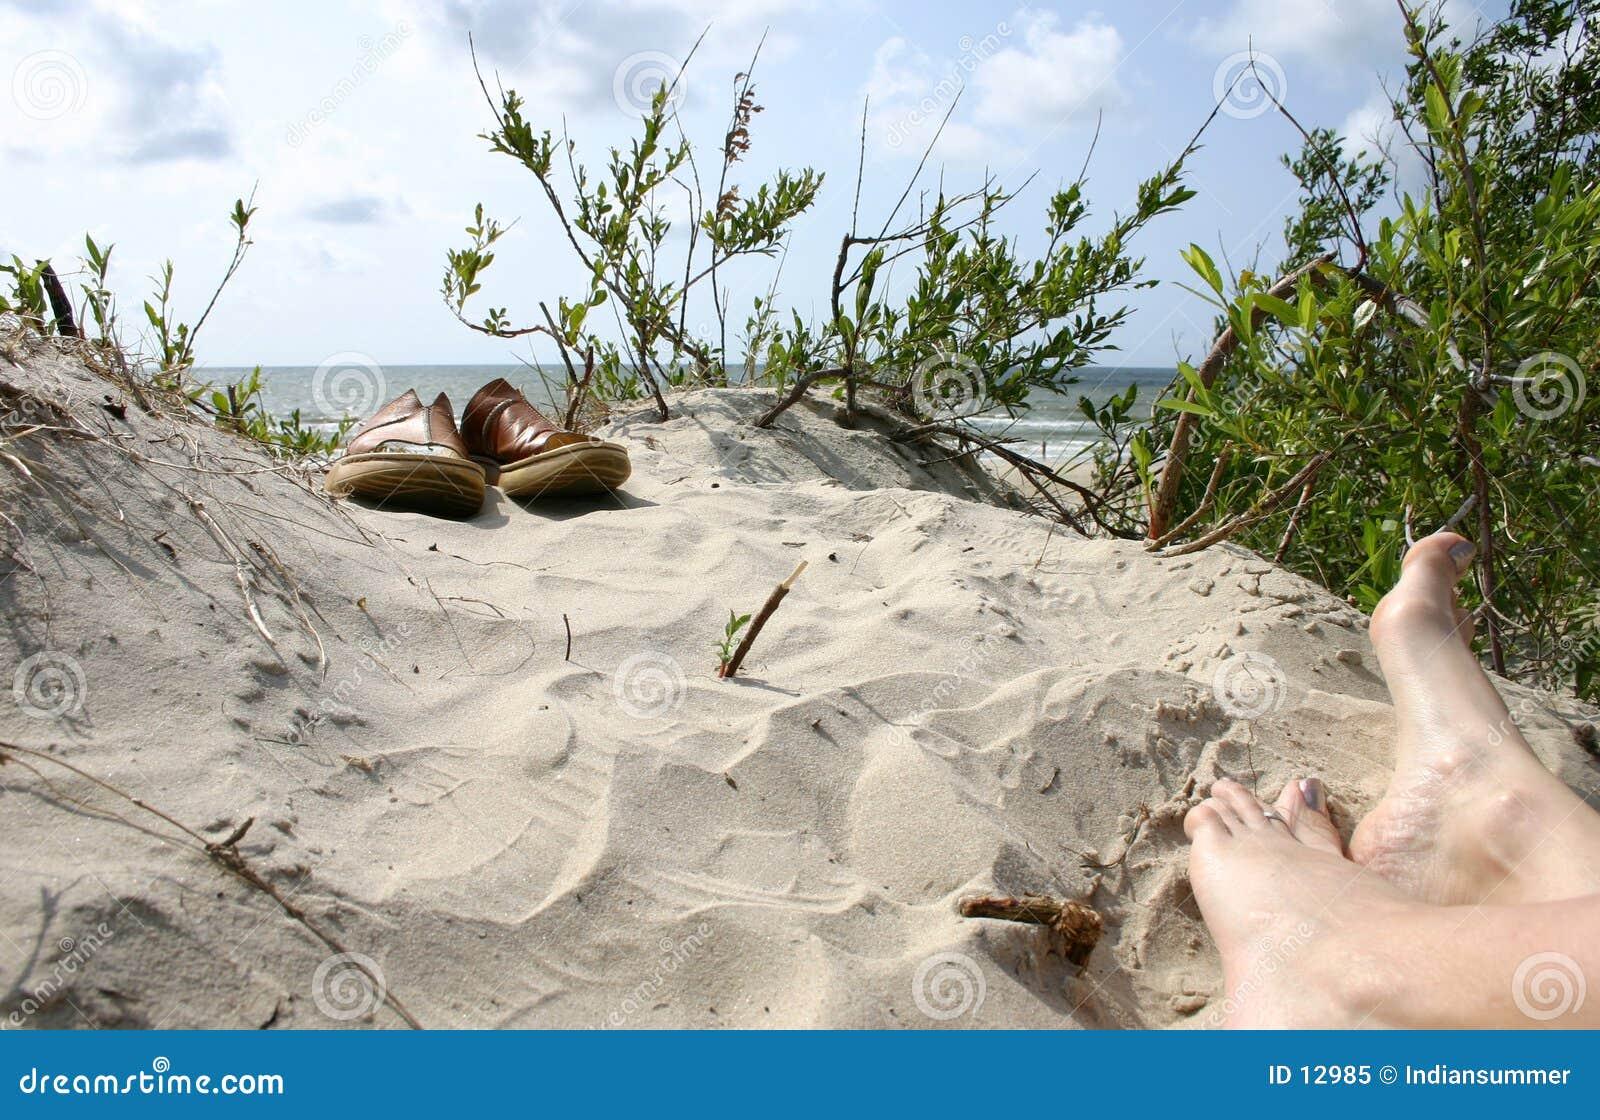 För skosommar för strand ii semester